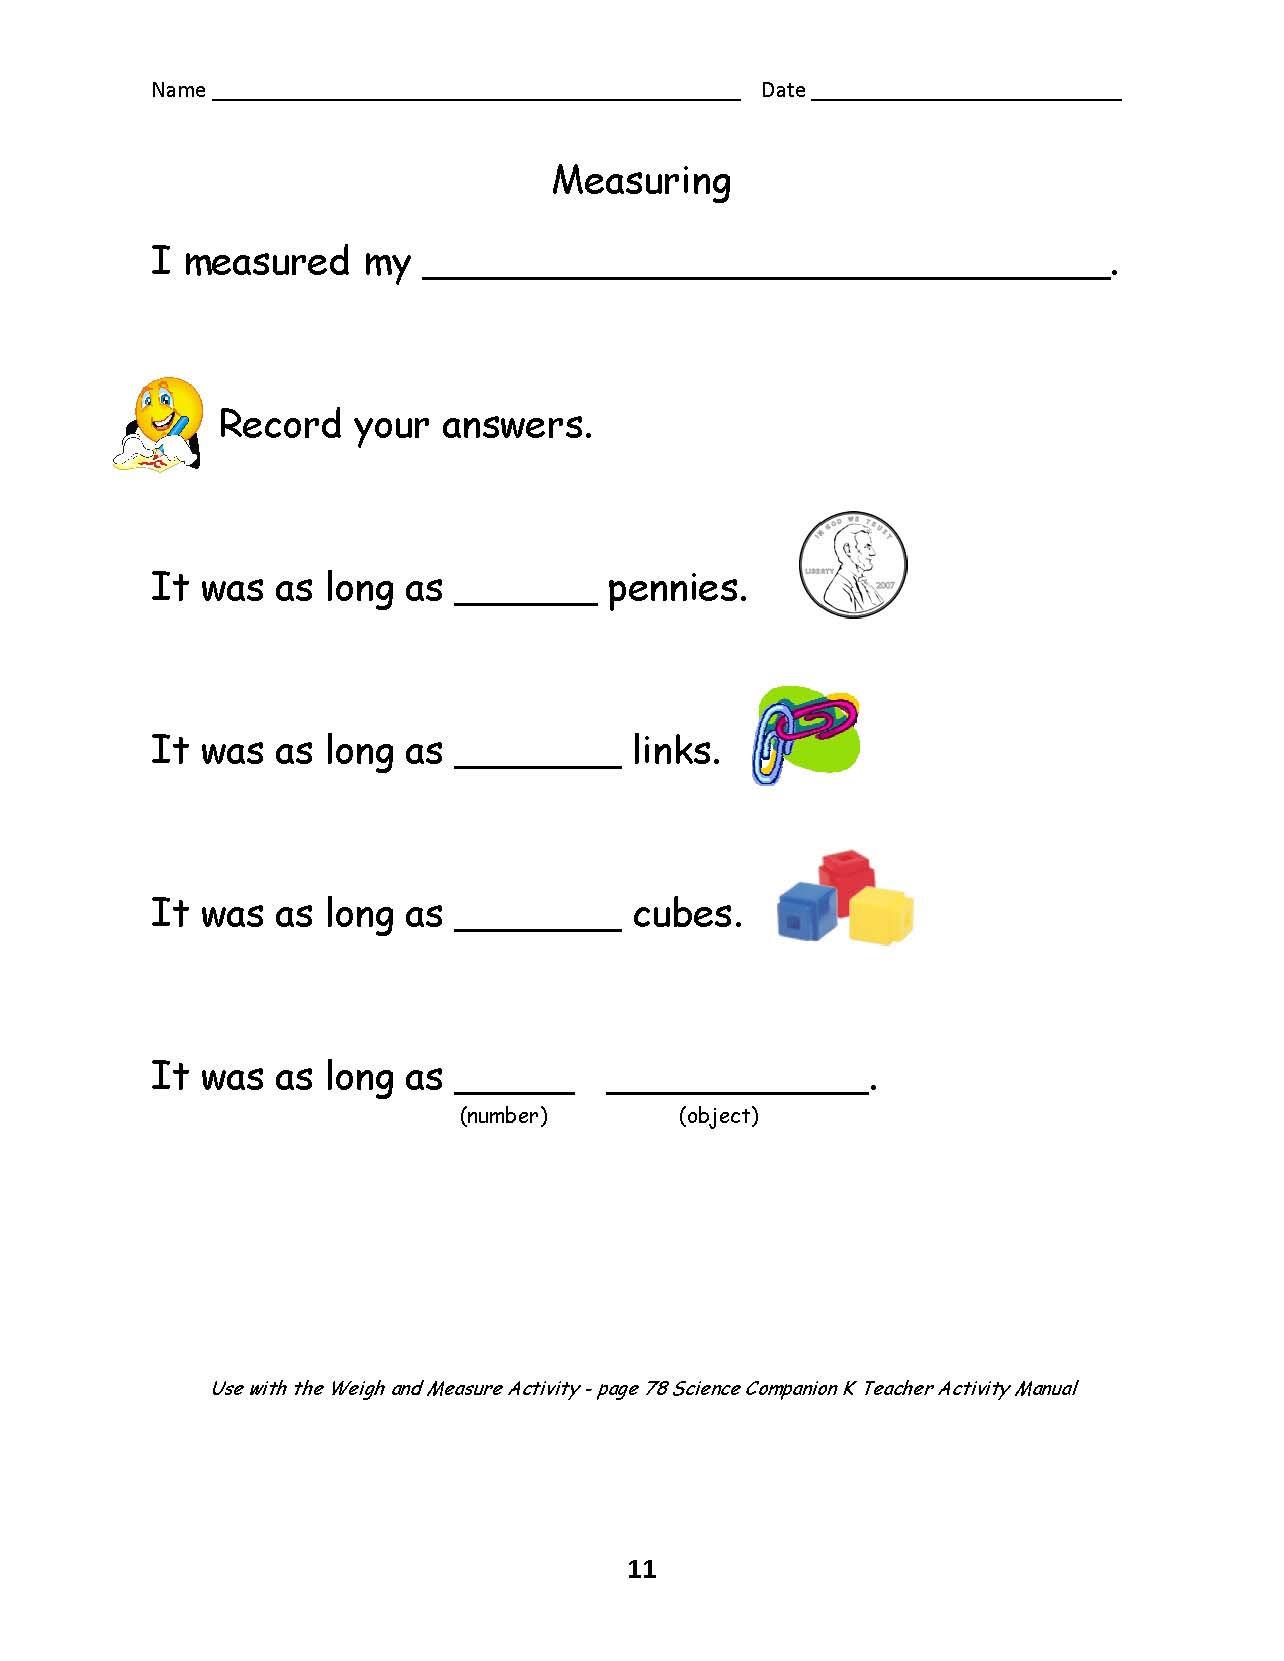 Scientific Method Worksheet Elementary